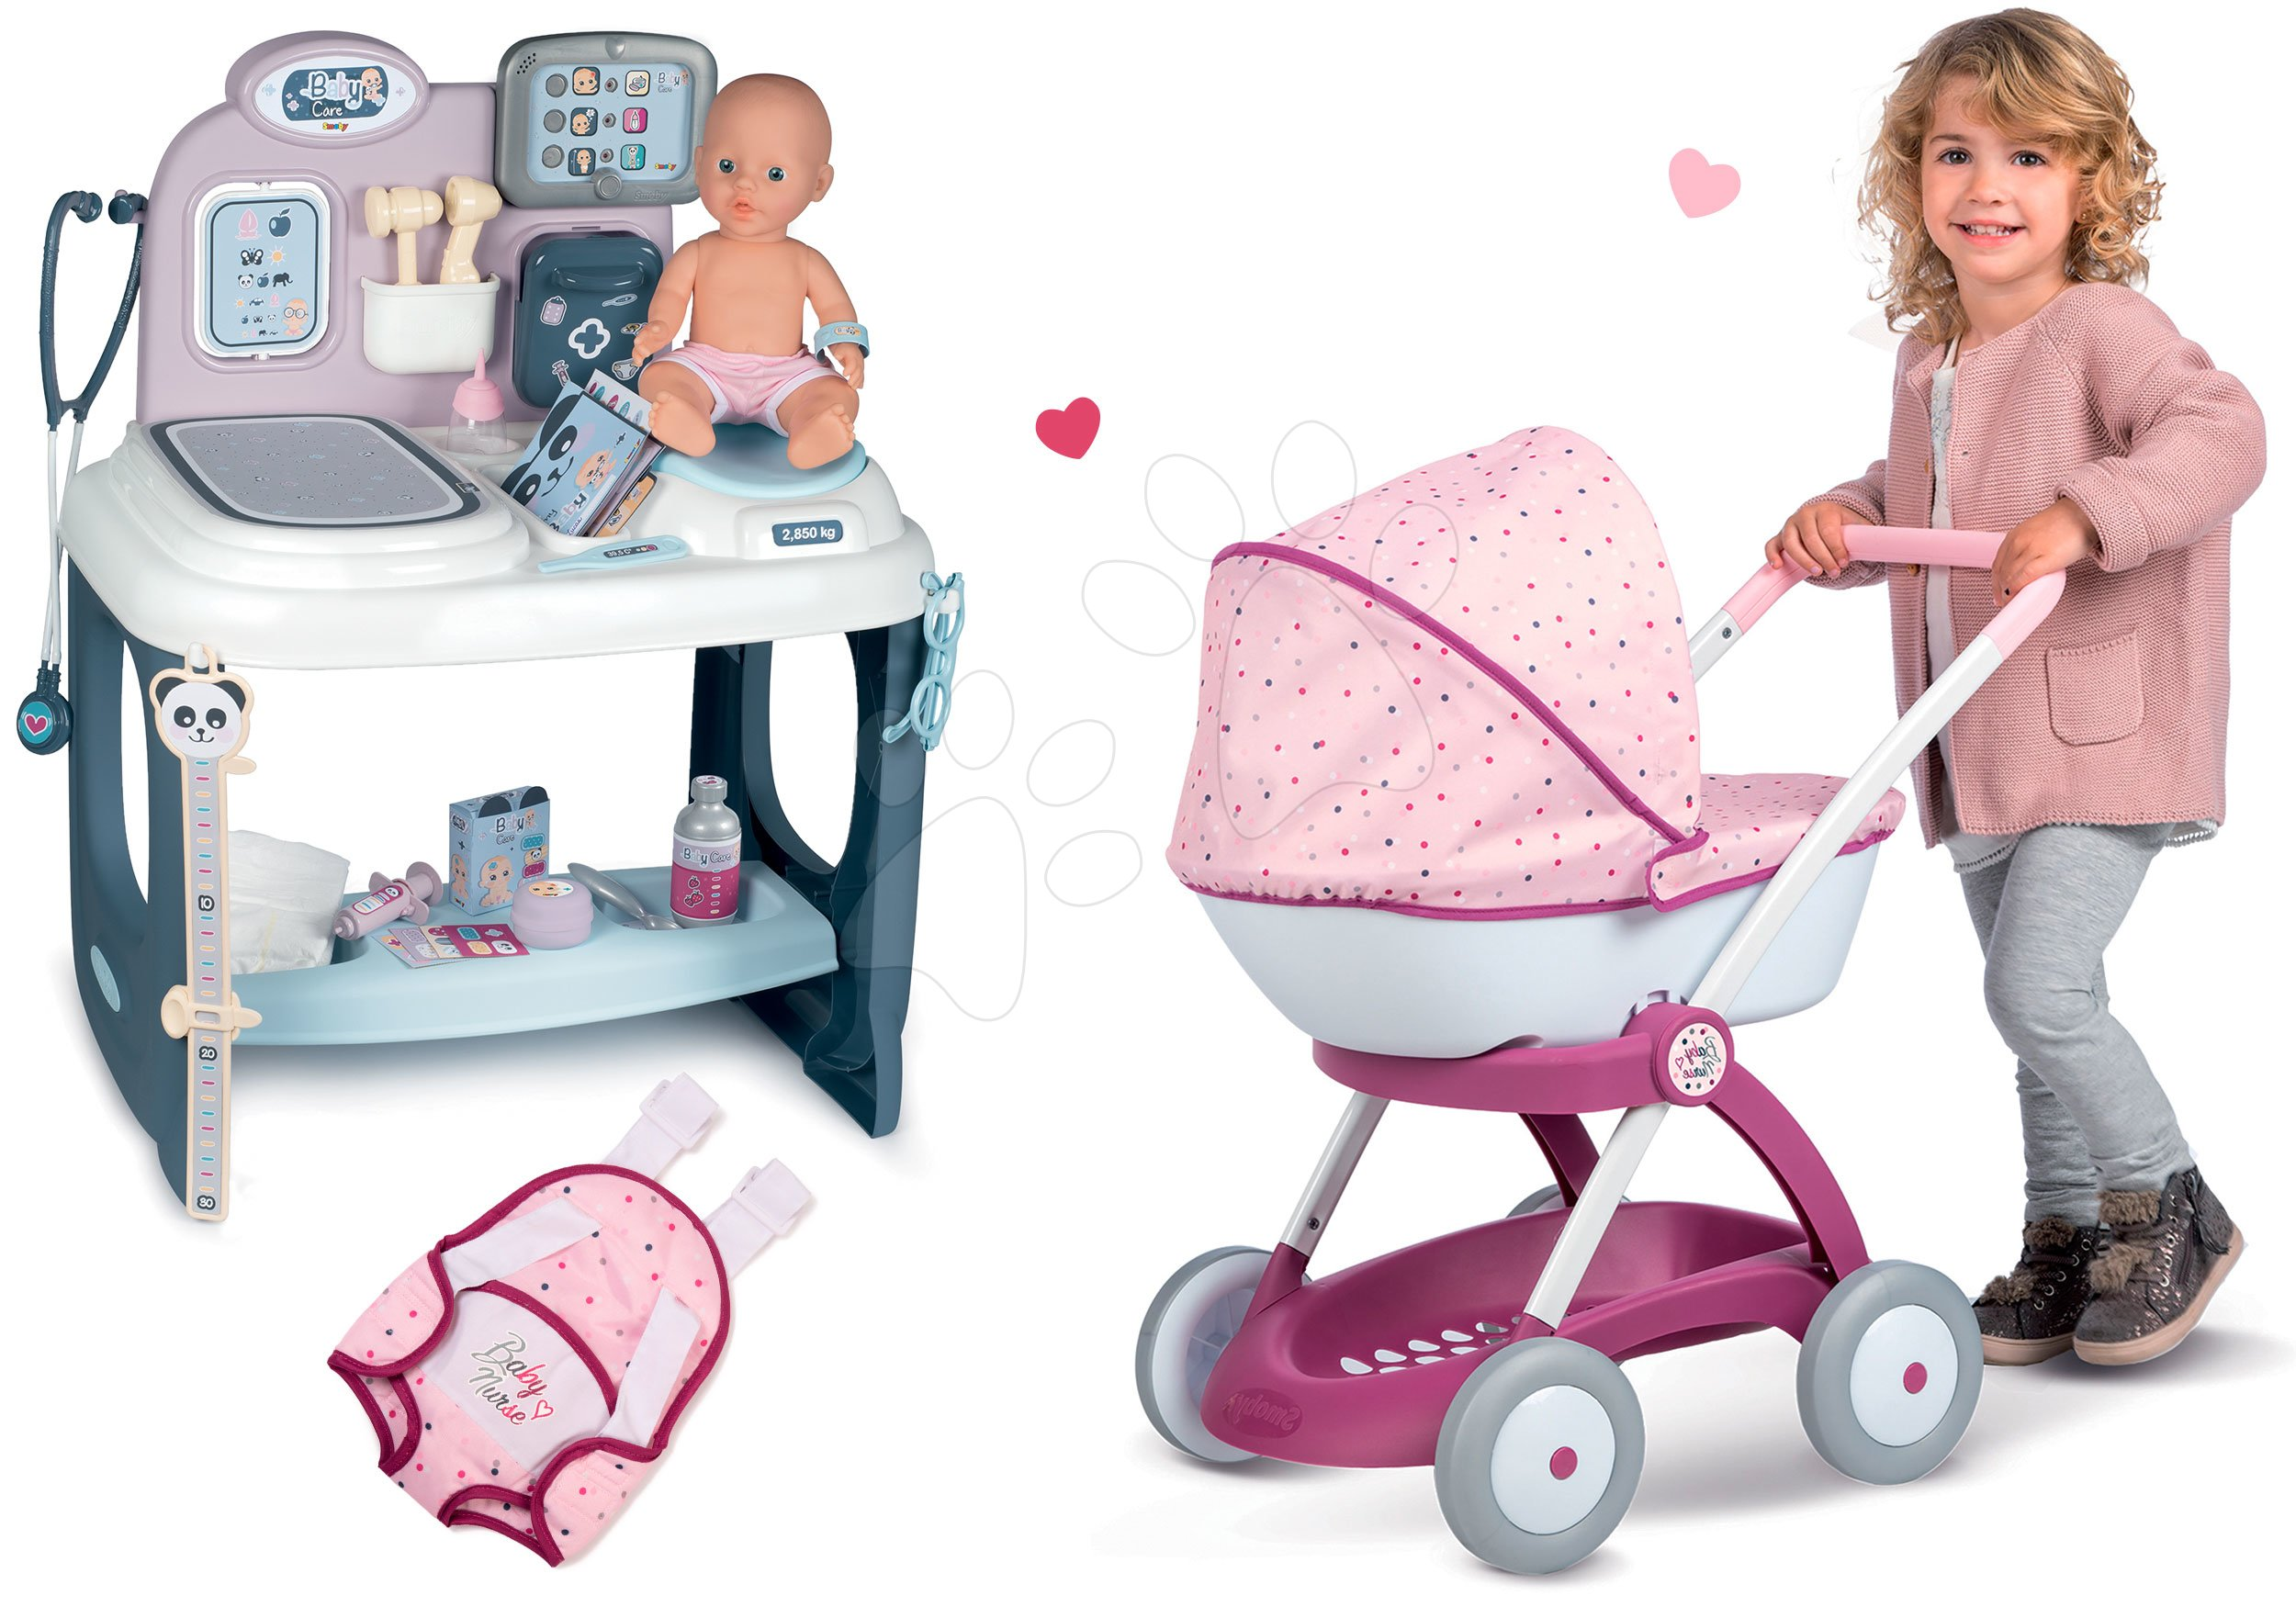 Set zdravotnický pult pro lékaře Baby Care Center Smoby s hlubokým kočárkem Baby Nurse a klokankou